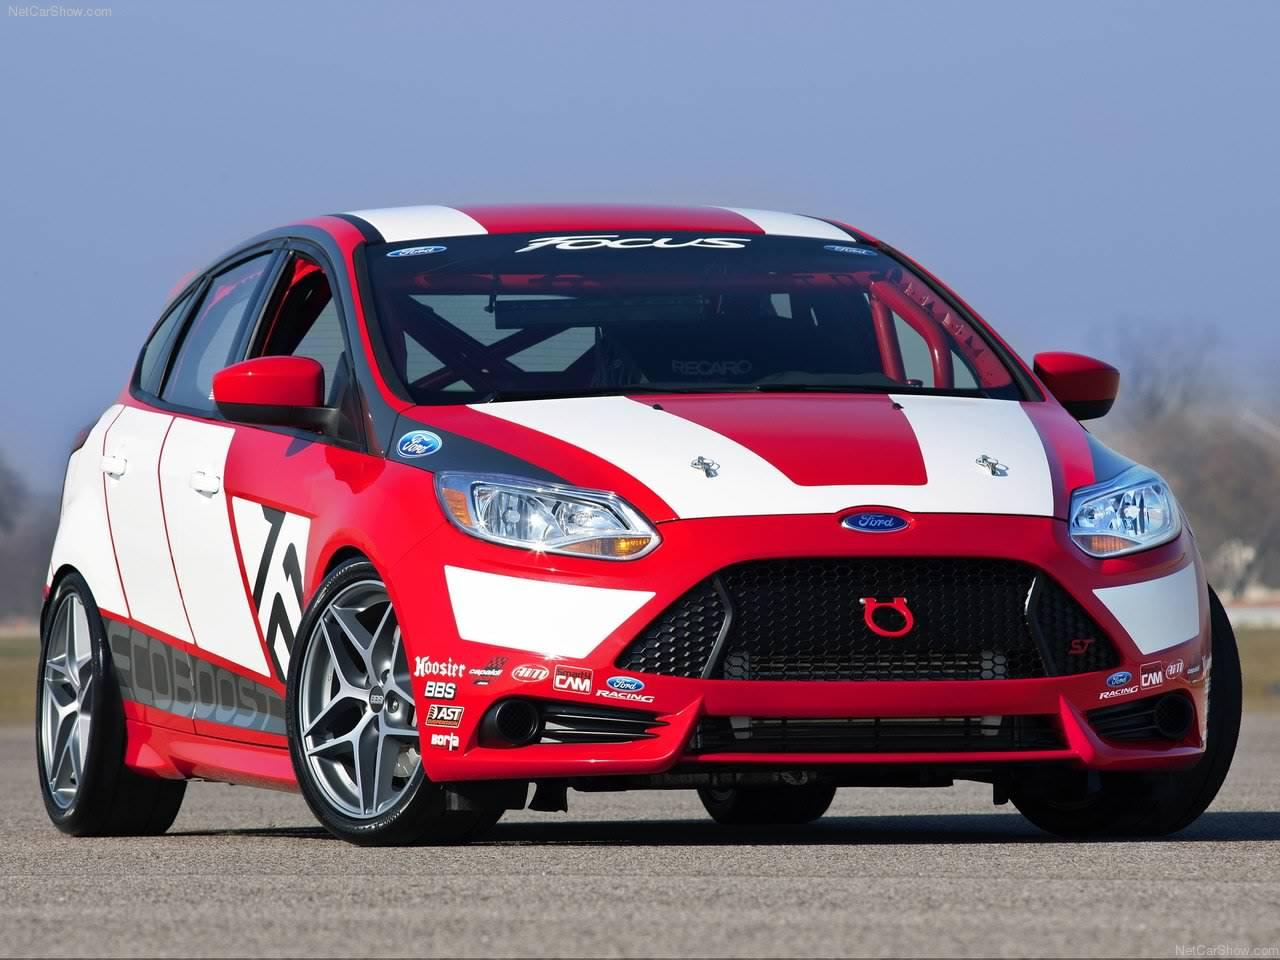 http://4.bp.blogspot.com/_1vrTNYggO-A/TQ20JQG3B0I/AAAAAAAAAAs/hxp8eEmOYw8/s1600/Ford-Focus_Race_Car_Concept_2010_1280x960_wallpaper_01.jpg